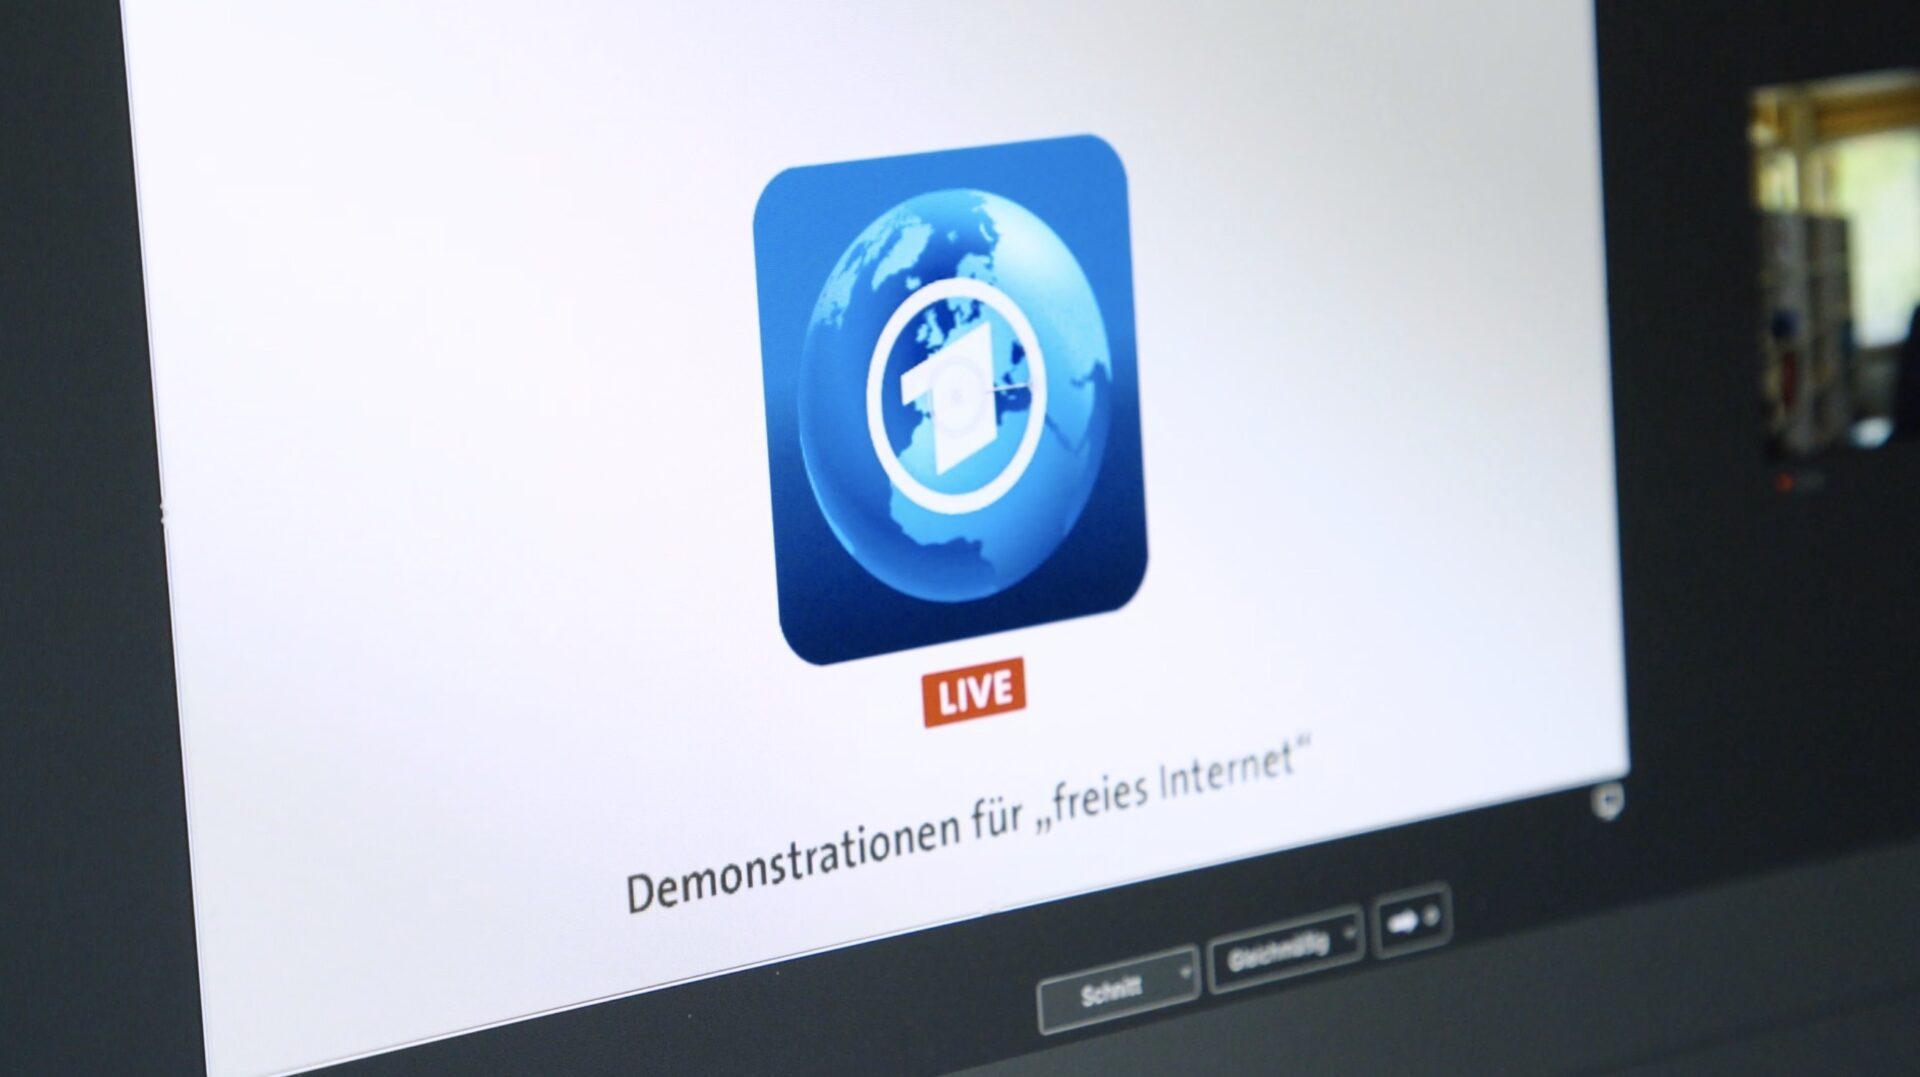 Tagesschau über Zusammenarbeit mit Contentflow